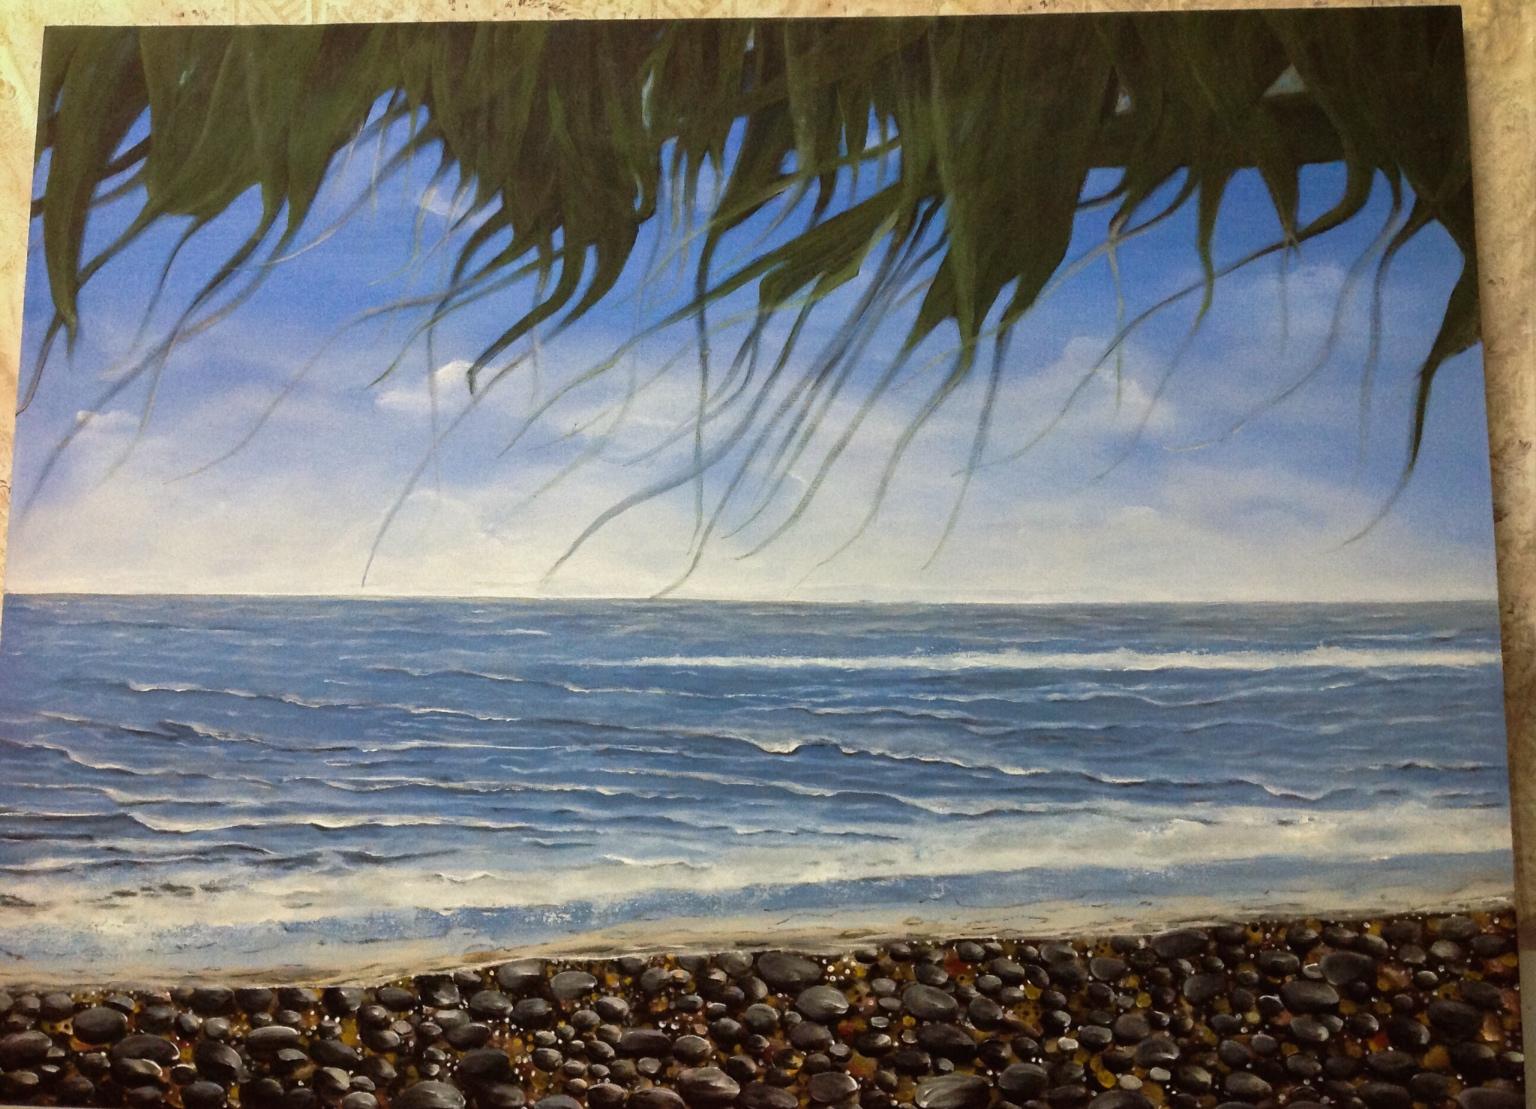 Beach on canvas